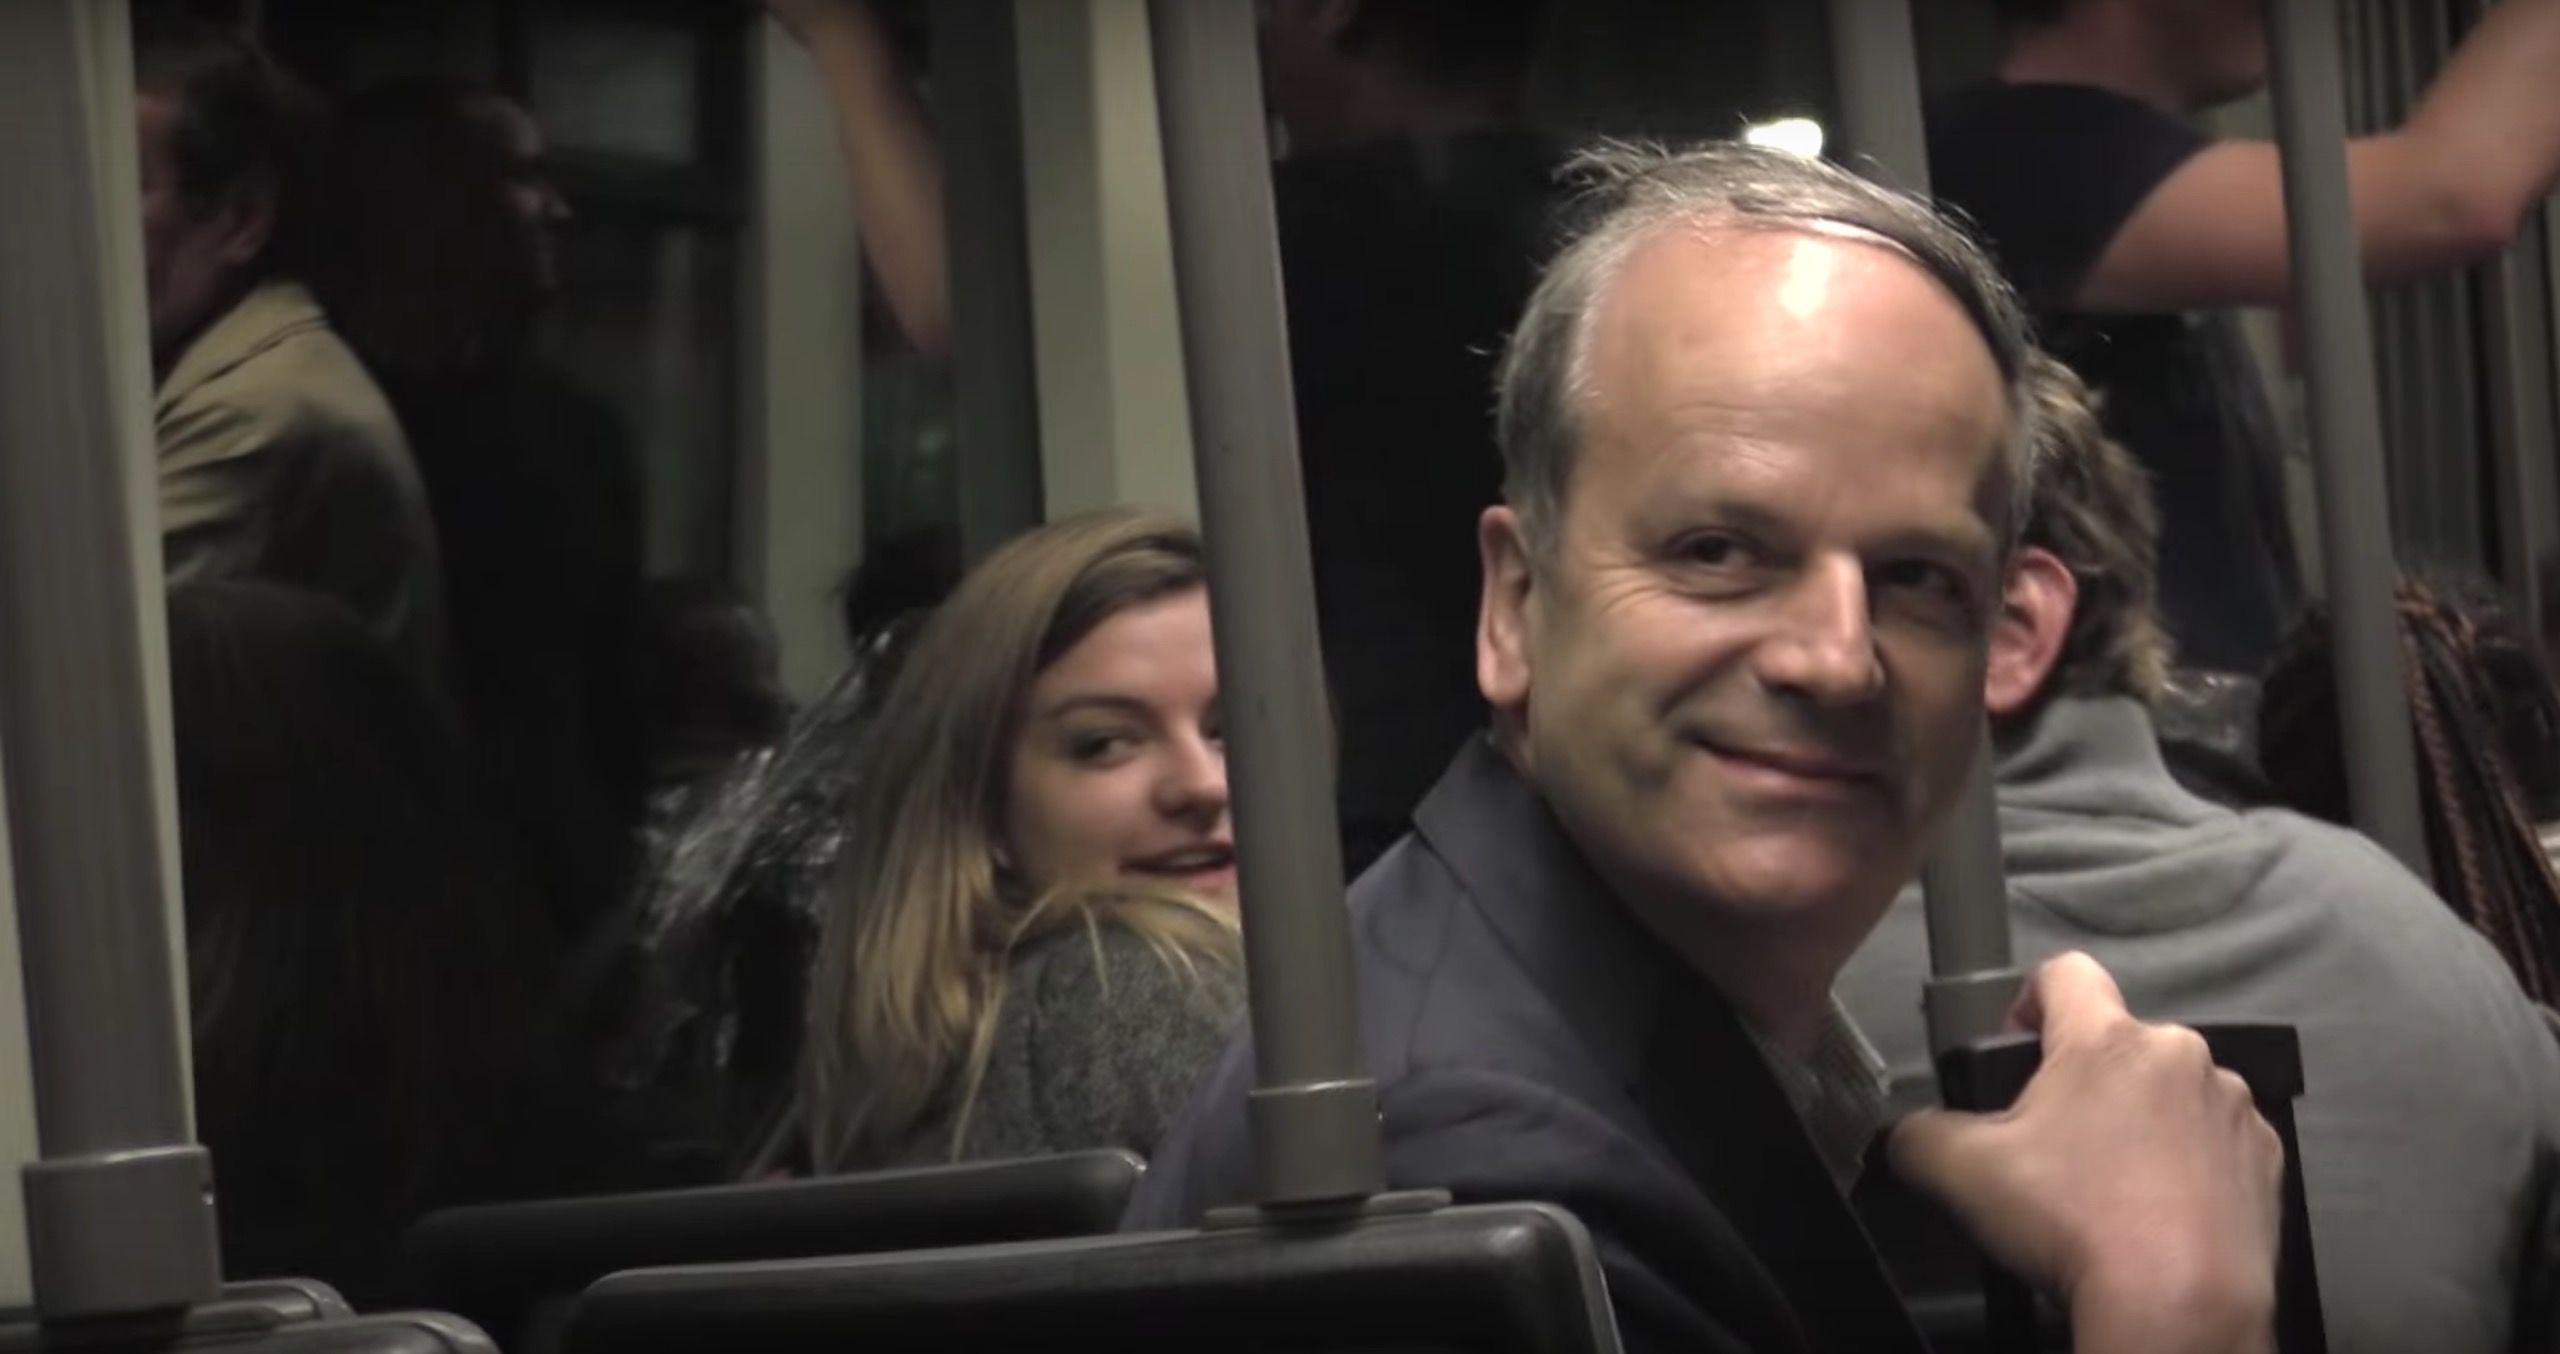 通勤電車が「笑顔」でいっぱいに。男性がとった驚きの方法とは?